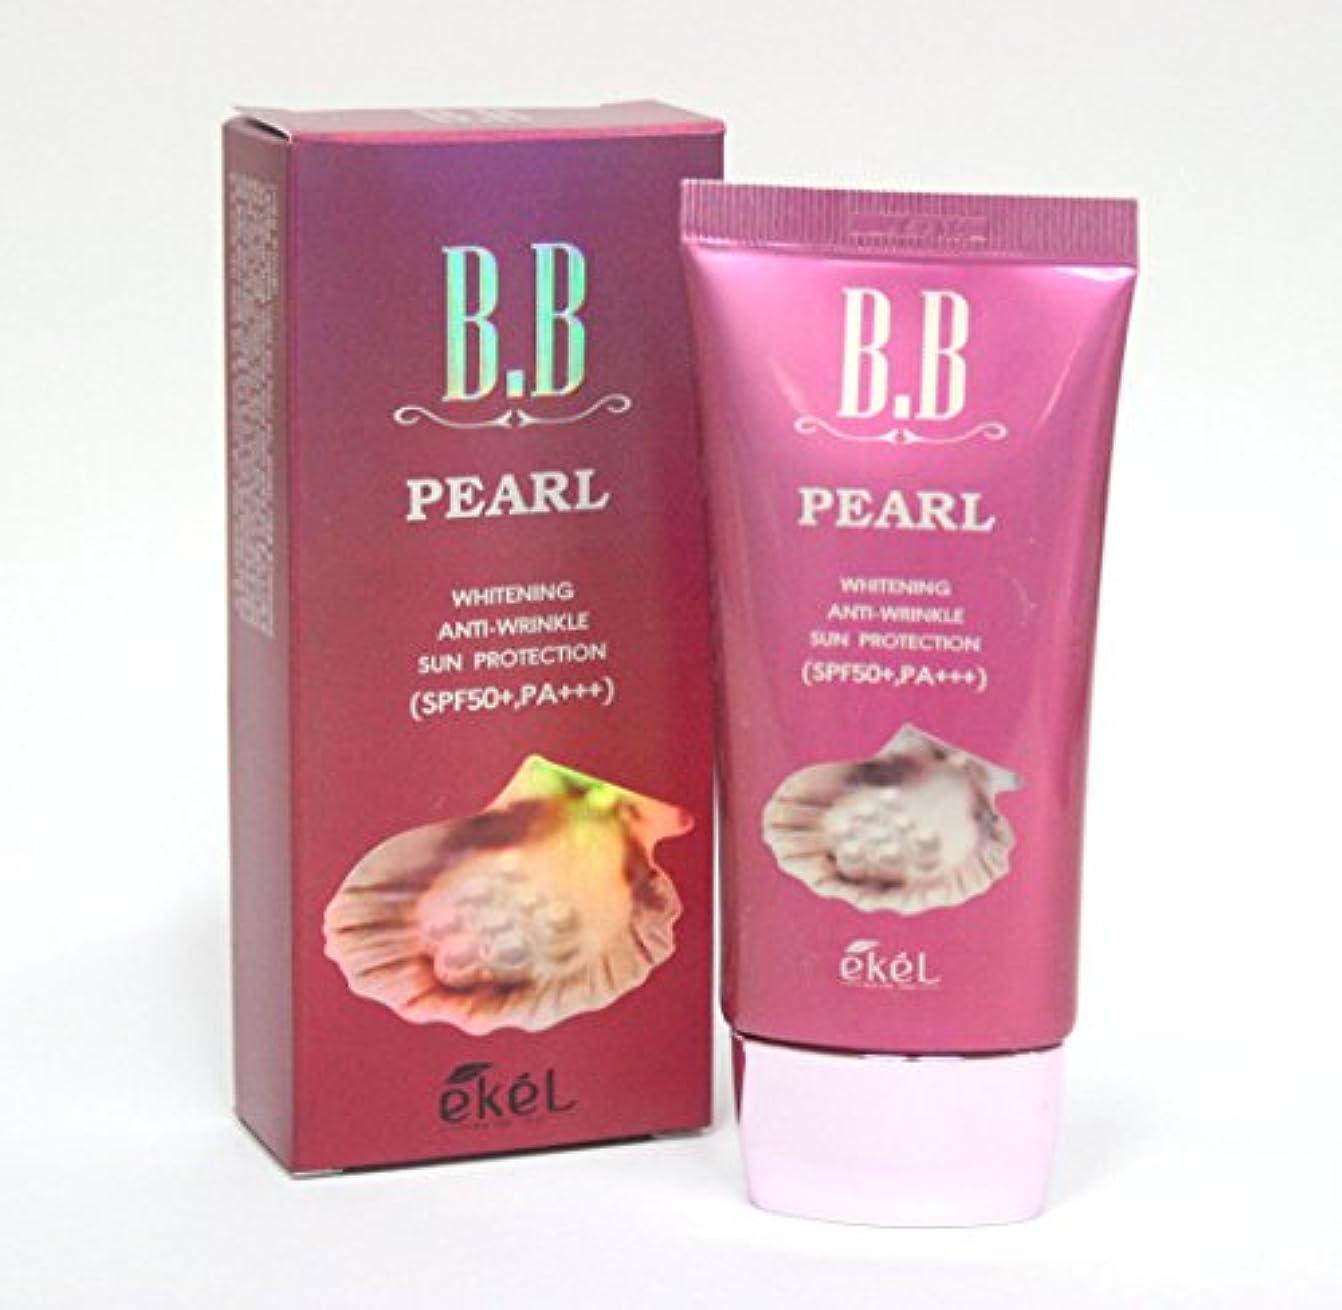 タヒチ疫病いつでも[Ekel] パールBBクリーム50ml / Pearl BB Cream 50ml / ホワイトニング、アンチリンクル、日焼け防止SPF50 + PA +++ / Whitening, Anti-wrinkle, Sun...